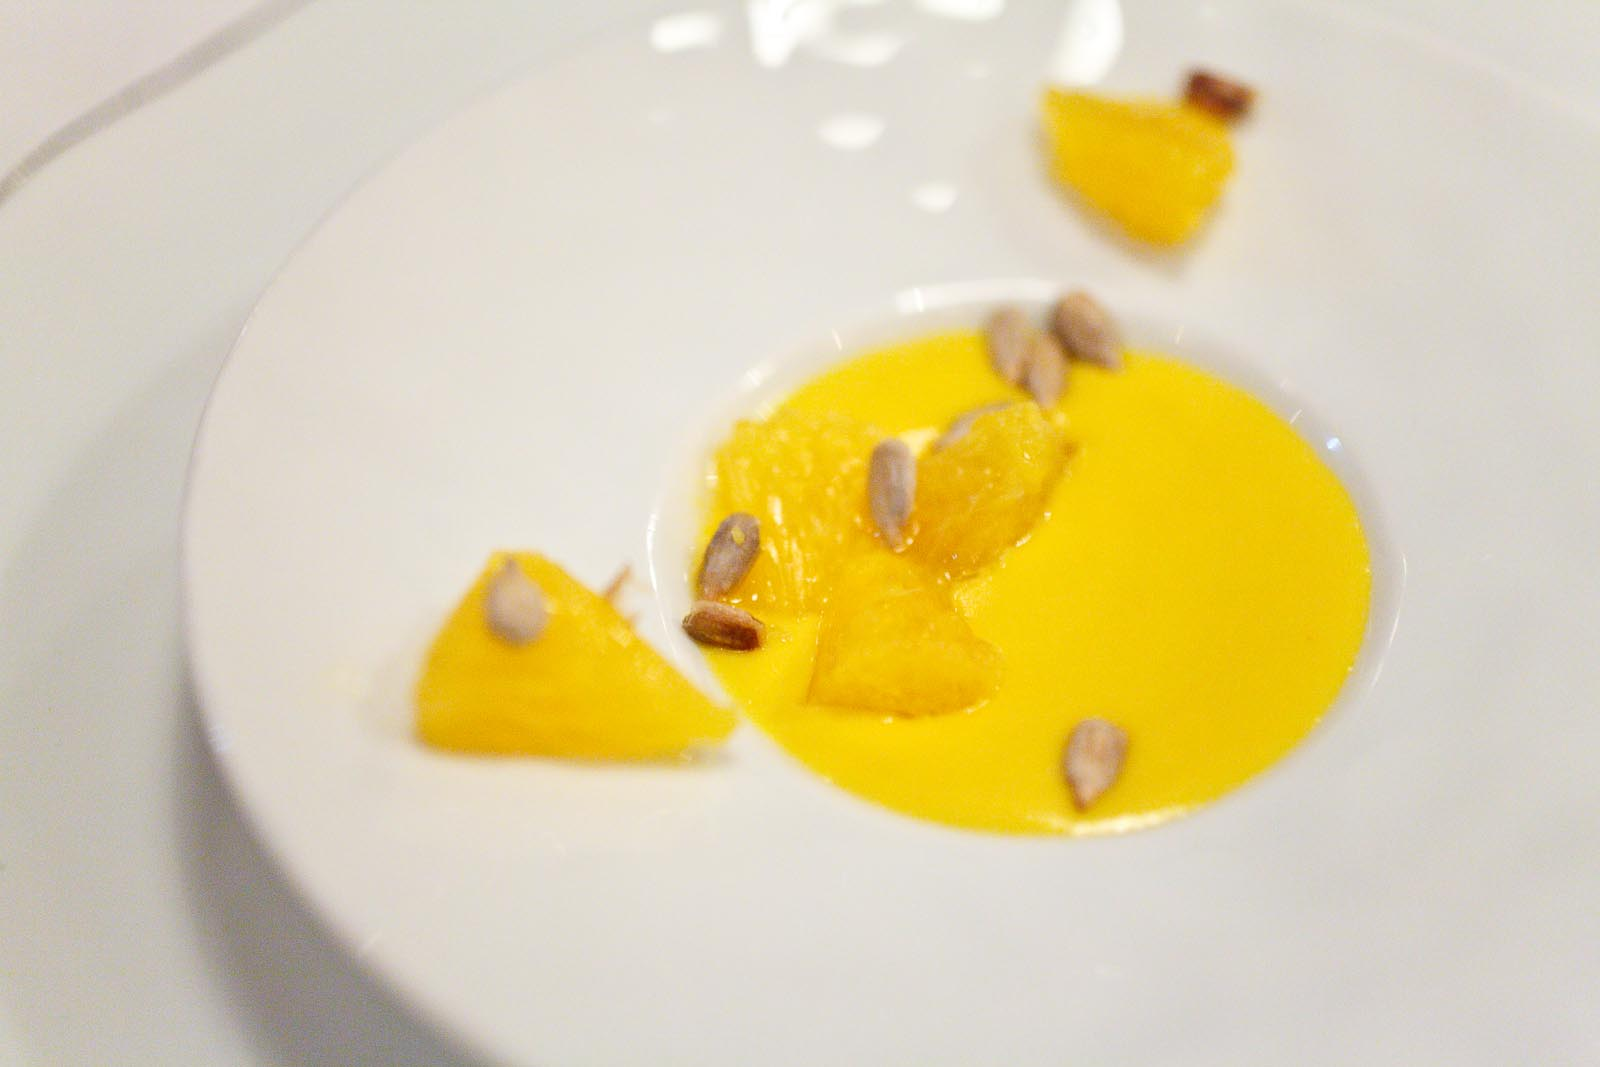 L'Agapé - Amuse bouche - Mousseline de potimarron - Orange, graine de tournesol